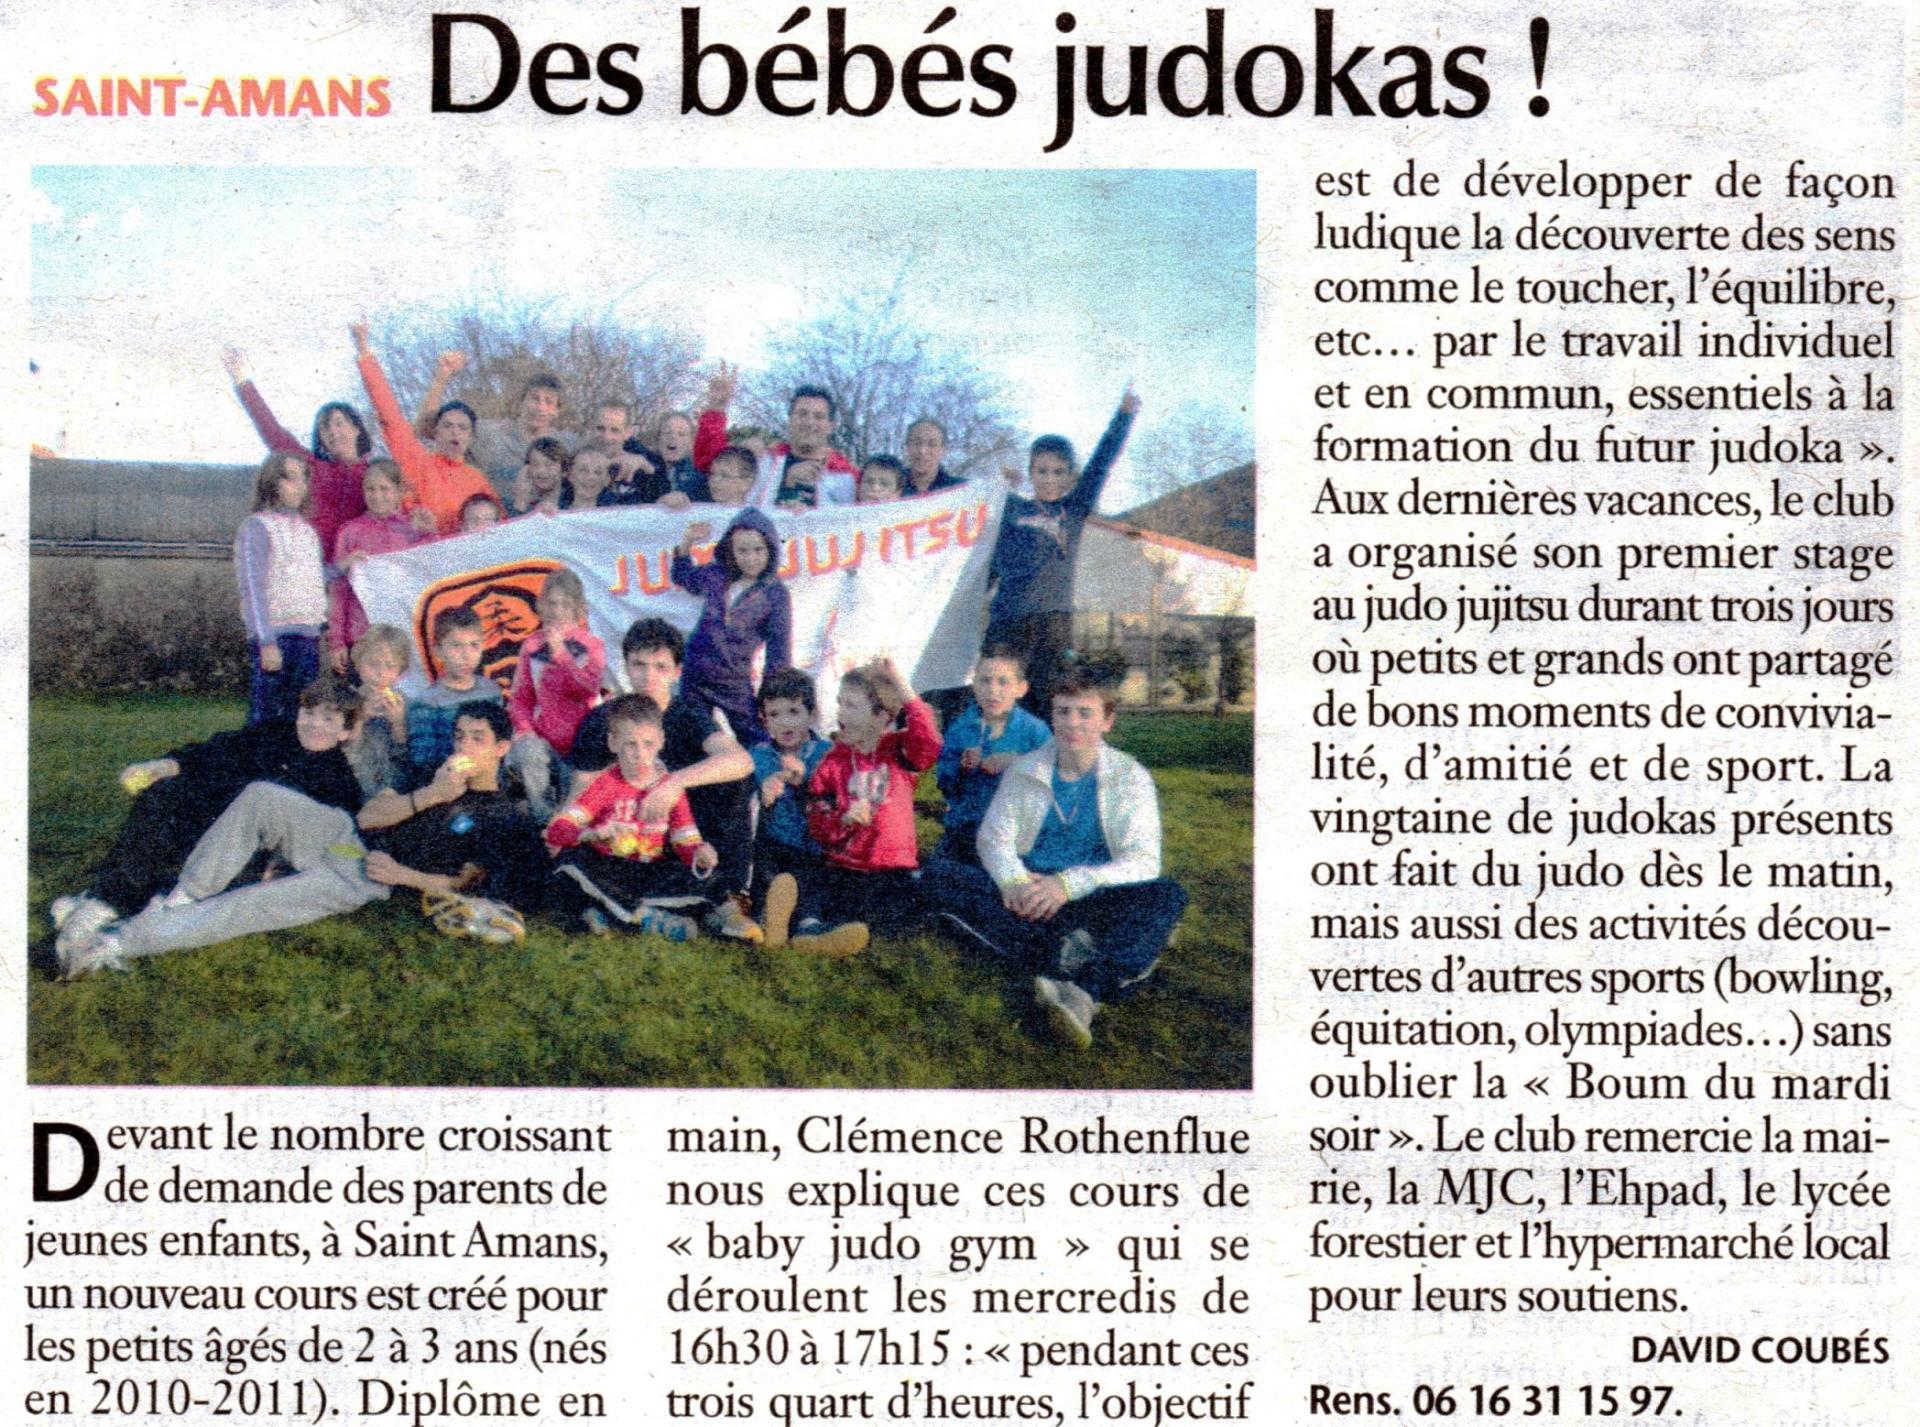 Article Journal Des bébés judokas